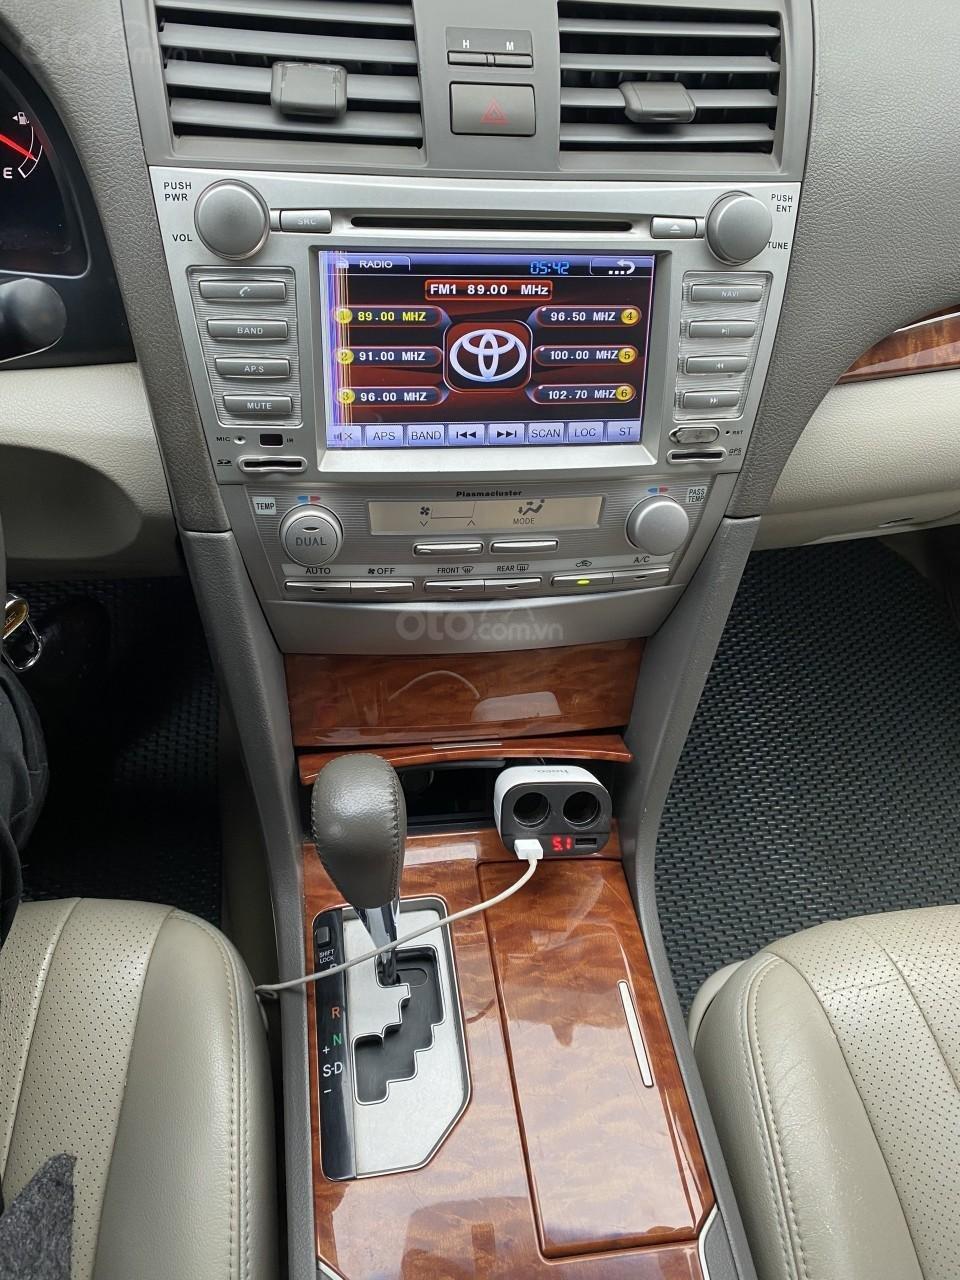 Bán xe Toyota Camry 2009 xe đẹp bản full, giá 435 triệu (3)